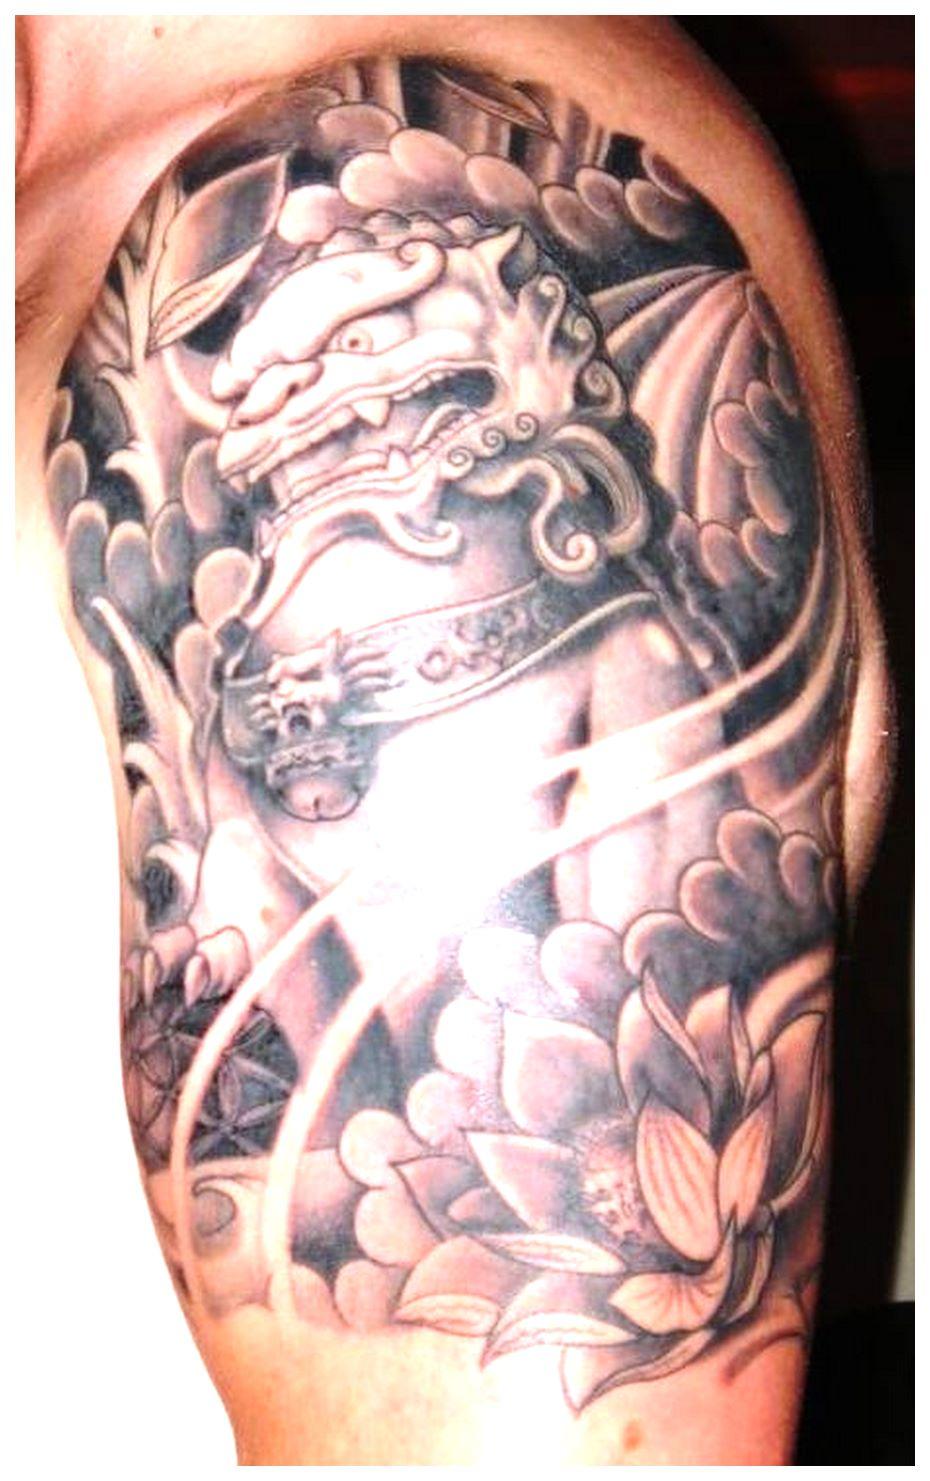 Foo dog tattoo sleeve